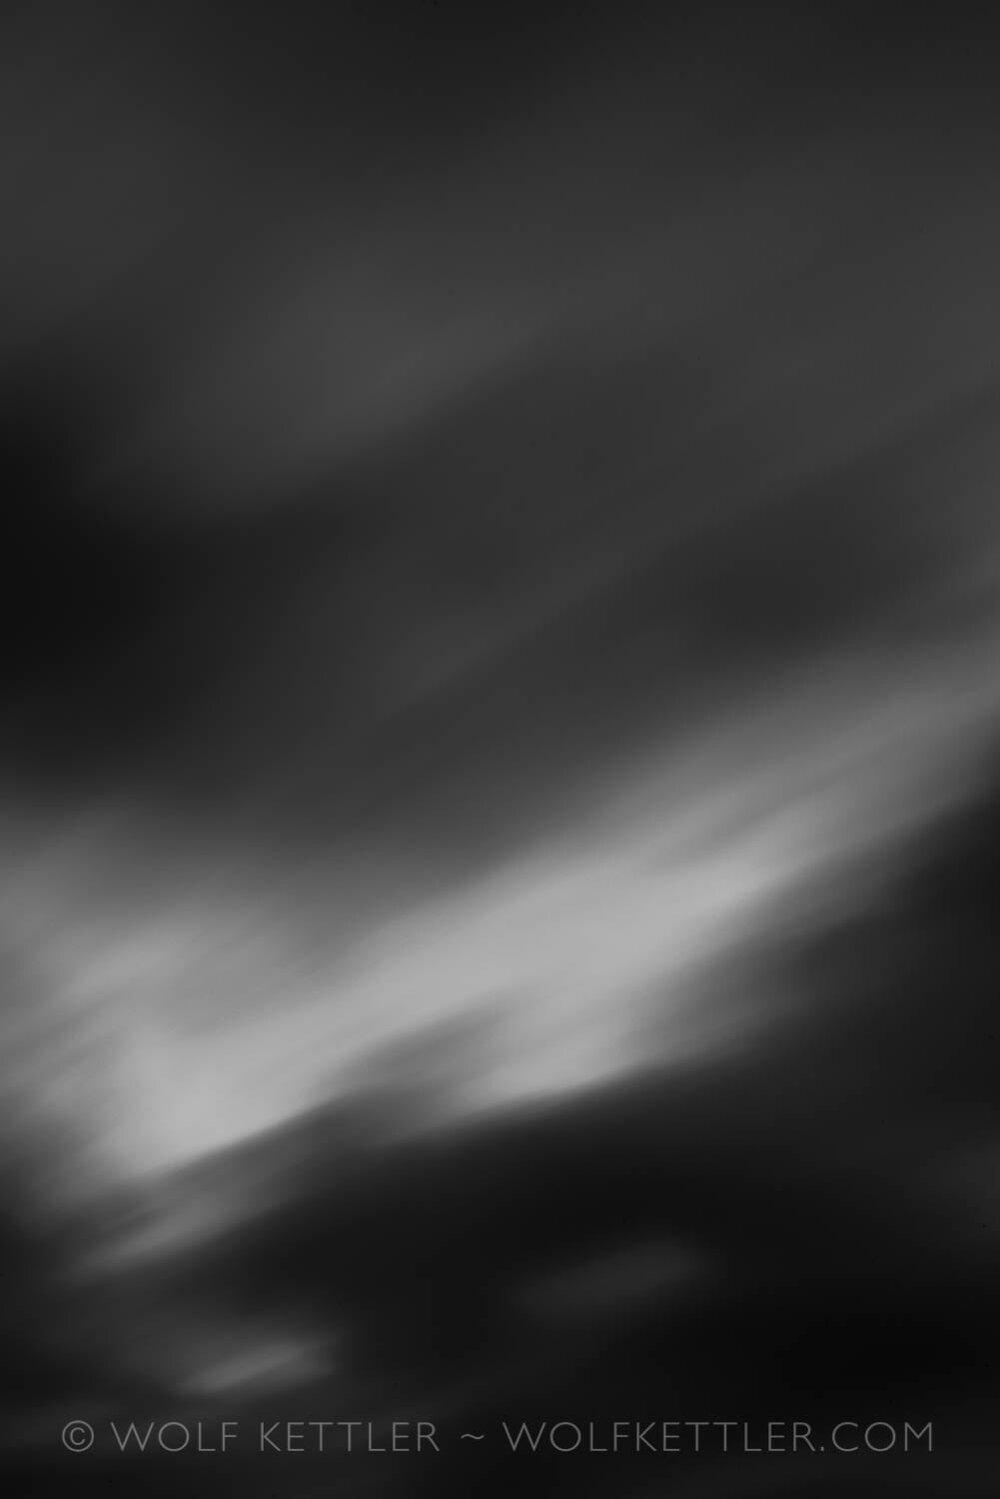 Night Sky No. 44